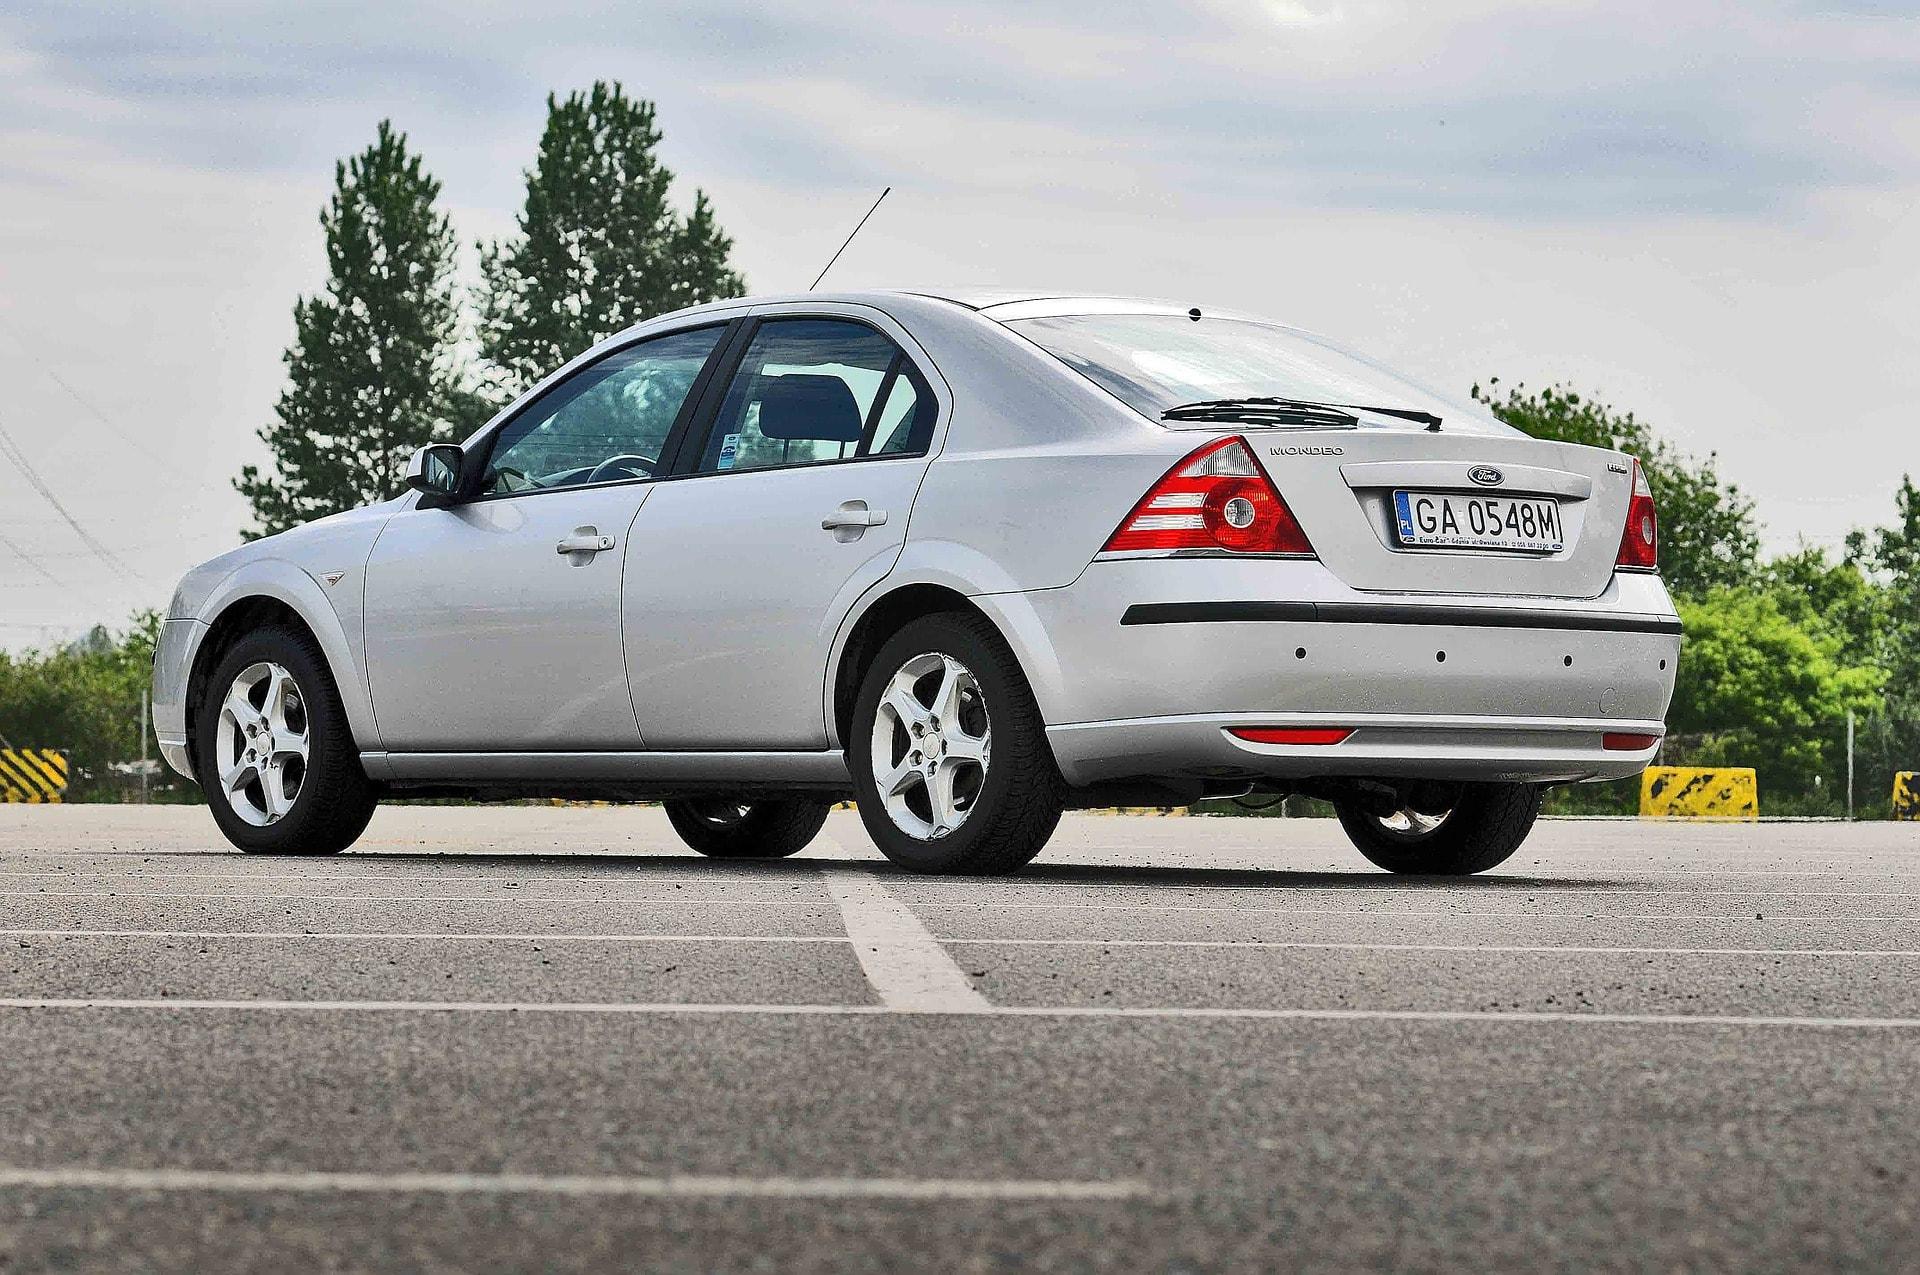 アメリカで車を所有するときにかかる維持費まとめ。アイオワ編